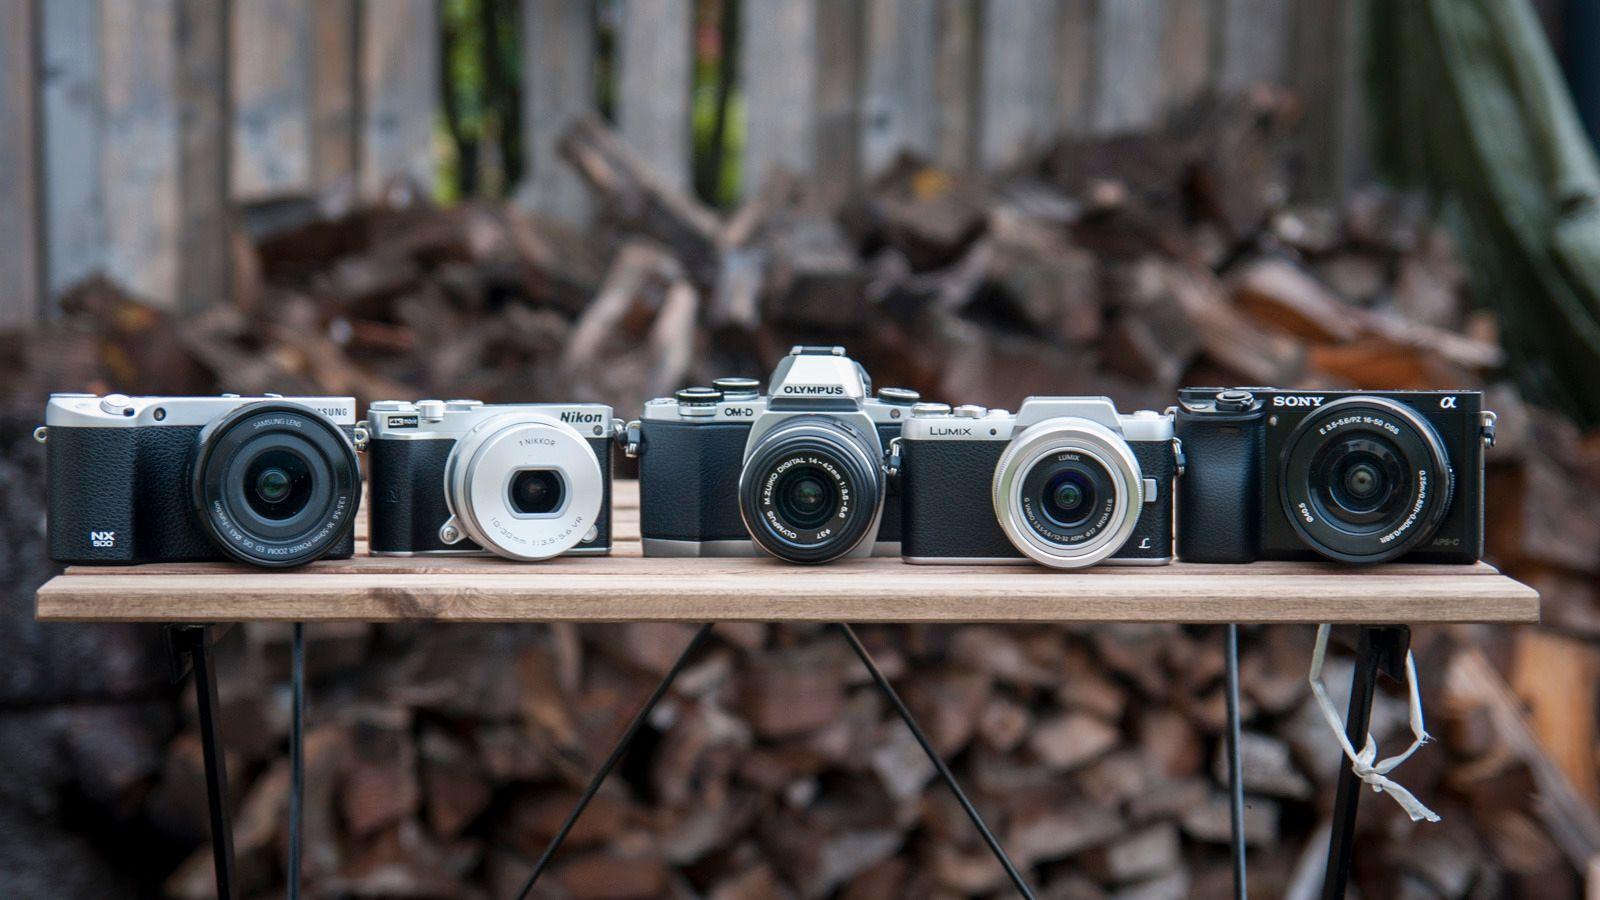 Kompakte systemkameraer